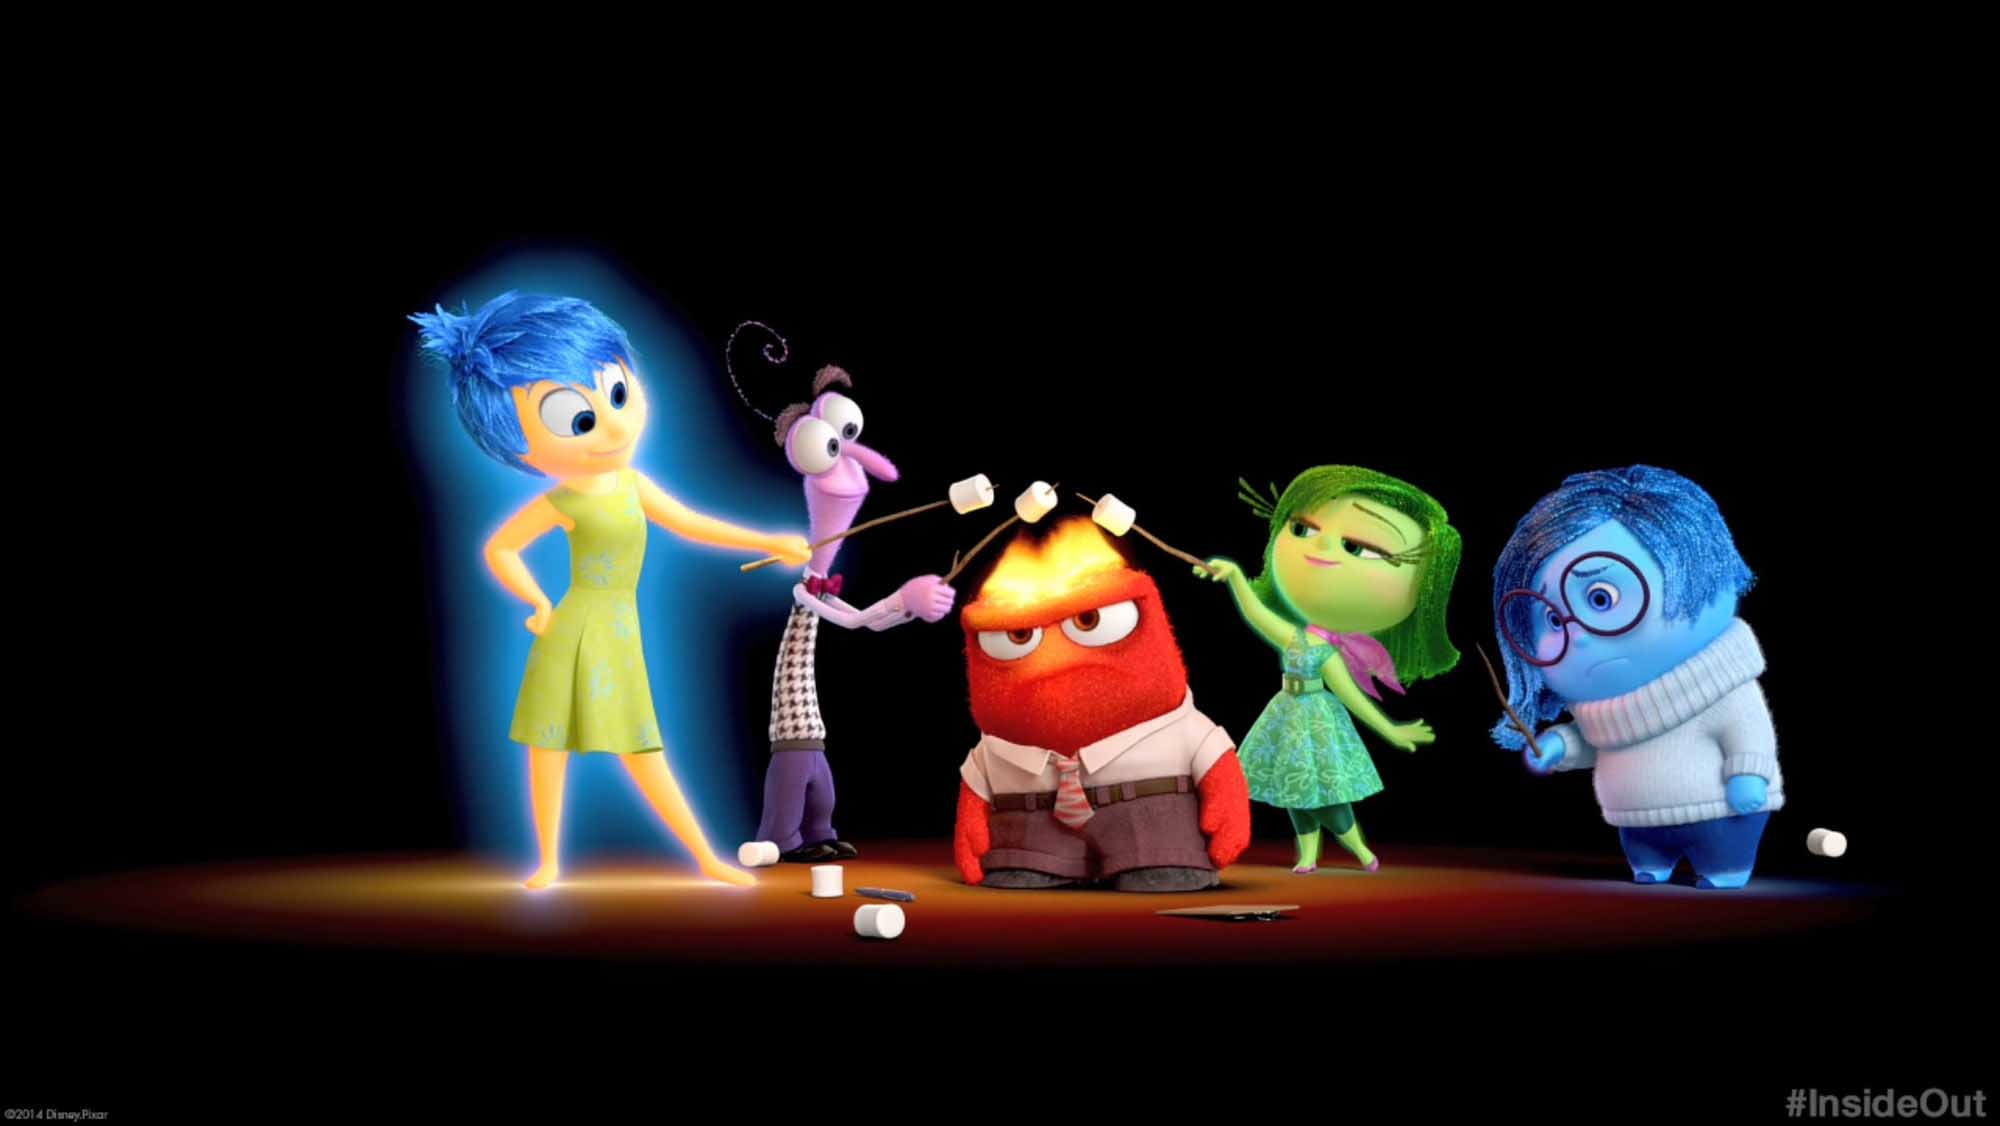 Película Inside out representando las cinco emociones básicas de Paul Ekman